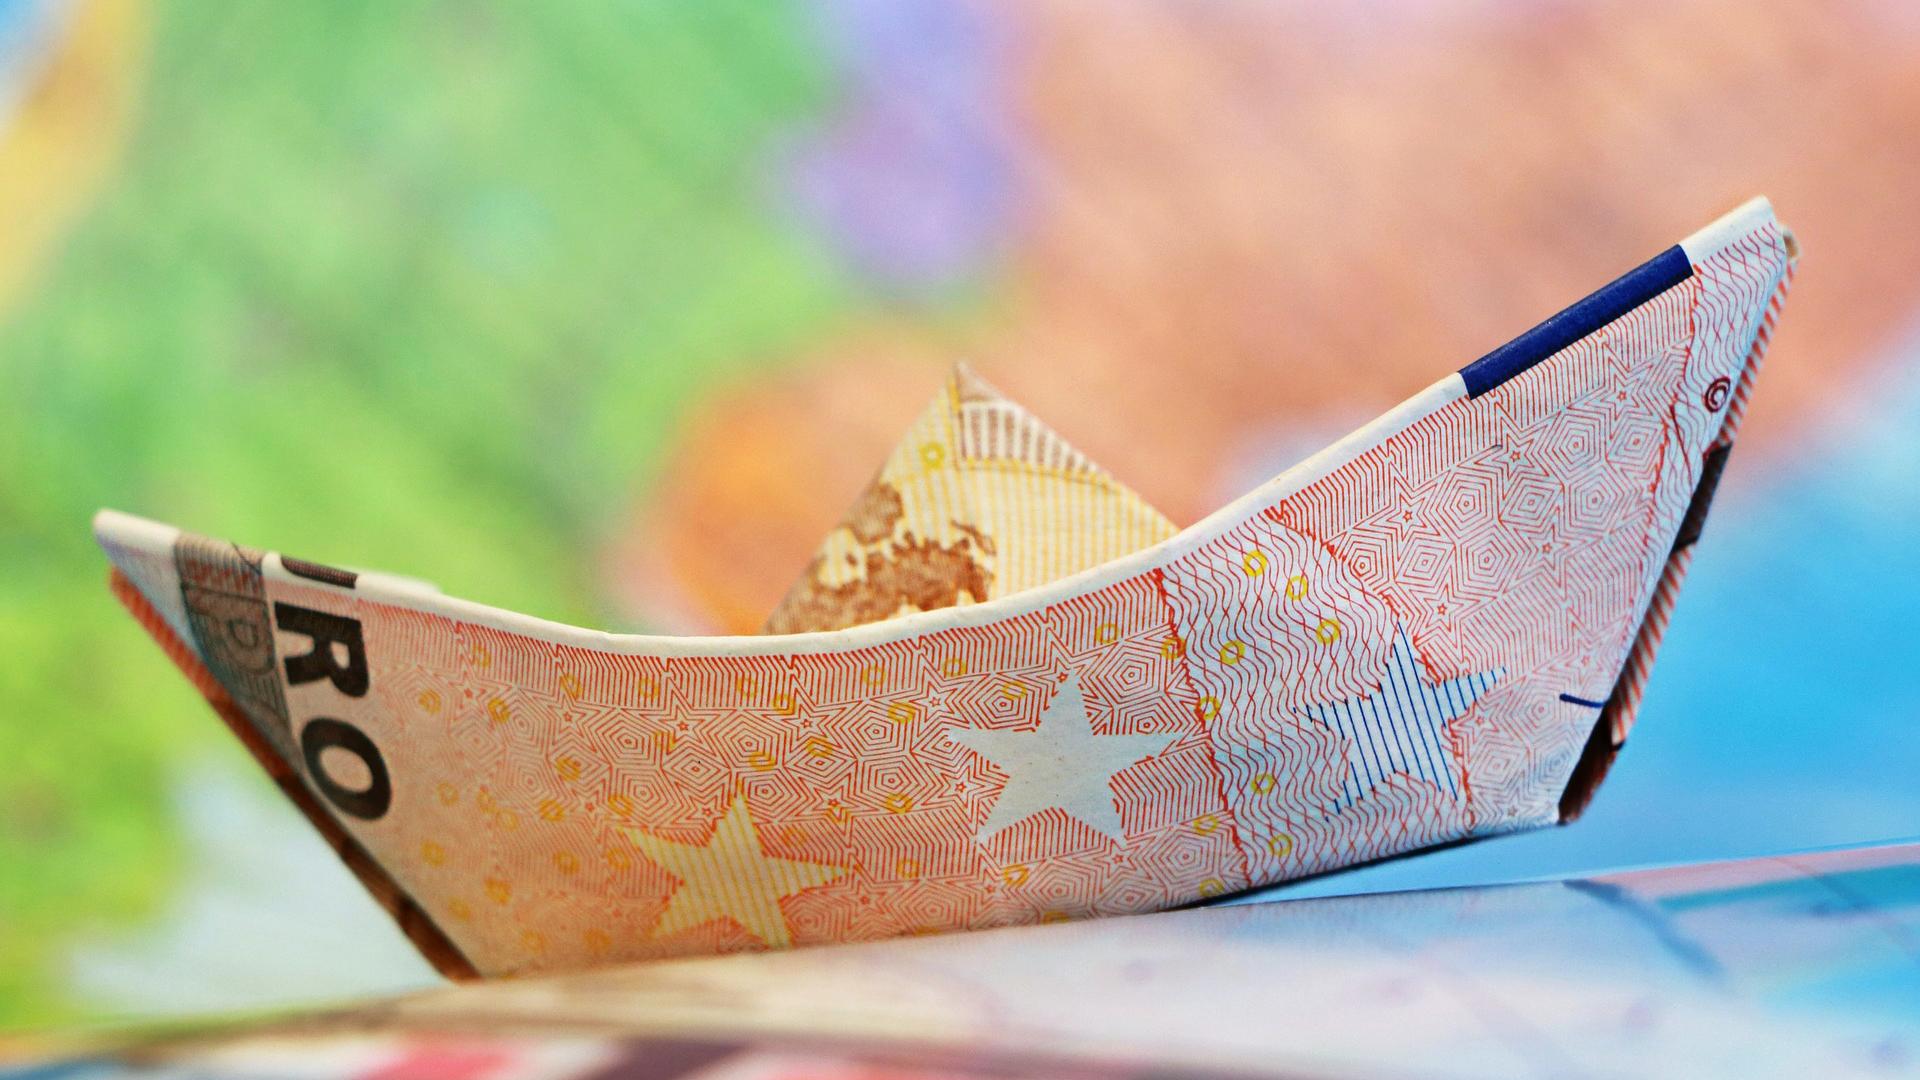 Il Bonus di 80 euro verrà cancellato, il Ministro Tria: 'E' stata una decisione sbagliata'